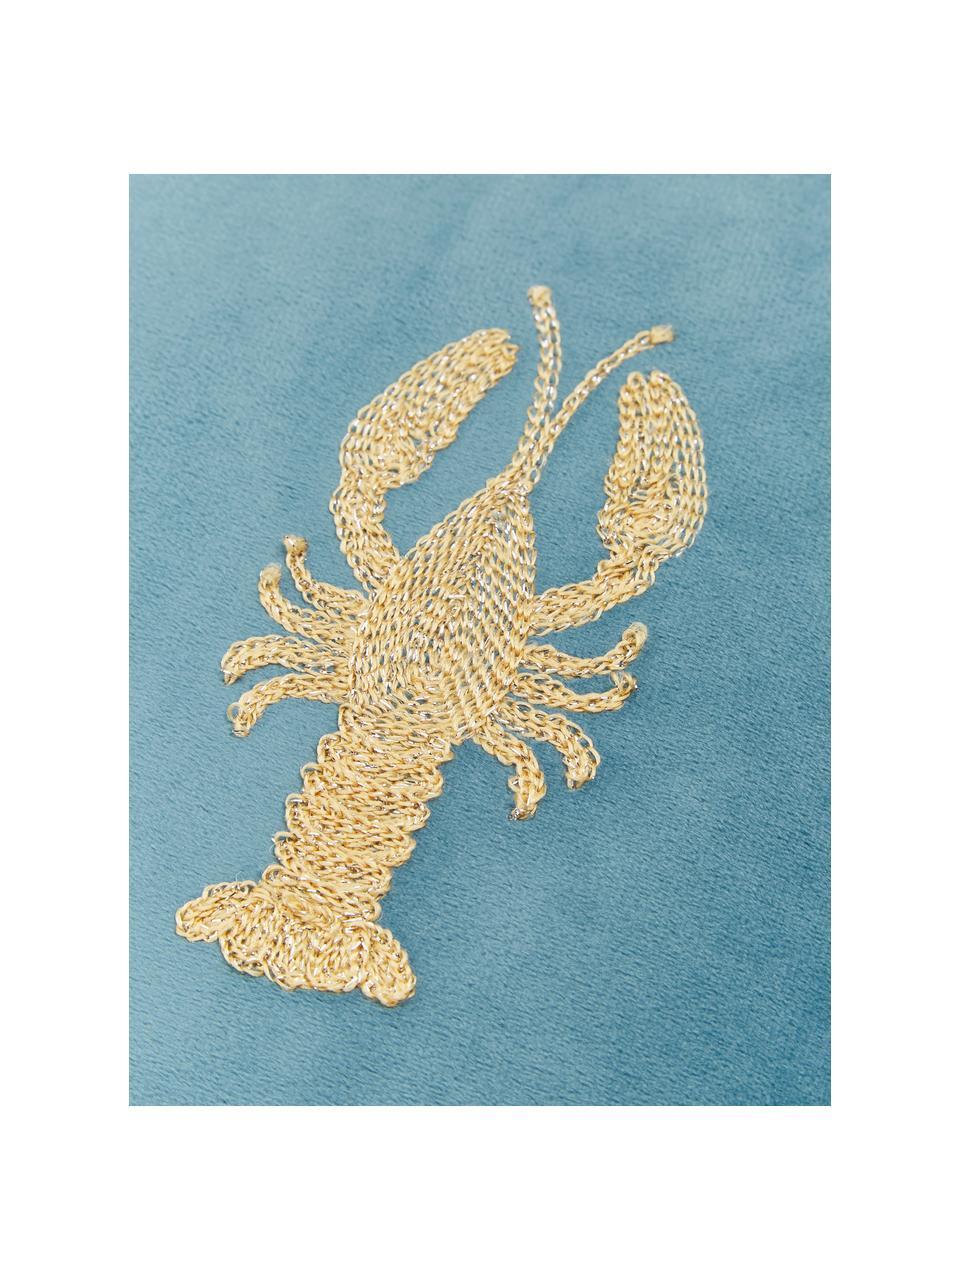 Besticktes Samt-Kissen Lobster, mit Inlett, 100% Samt, Blau, Goldfarben, 45 x 45 cm